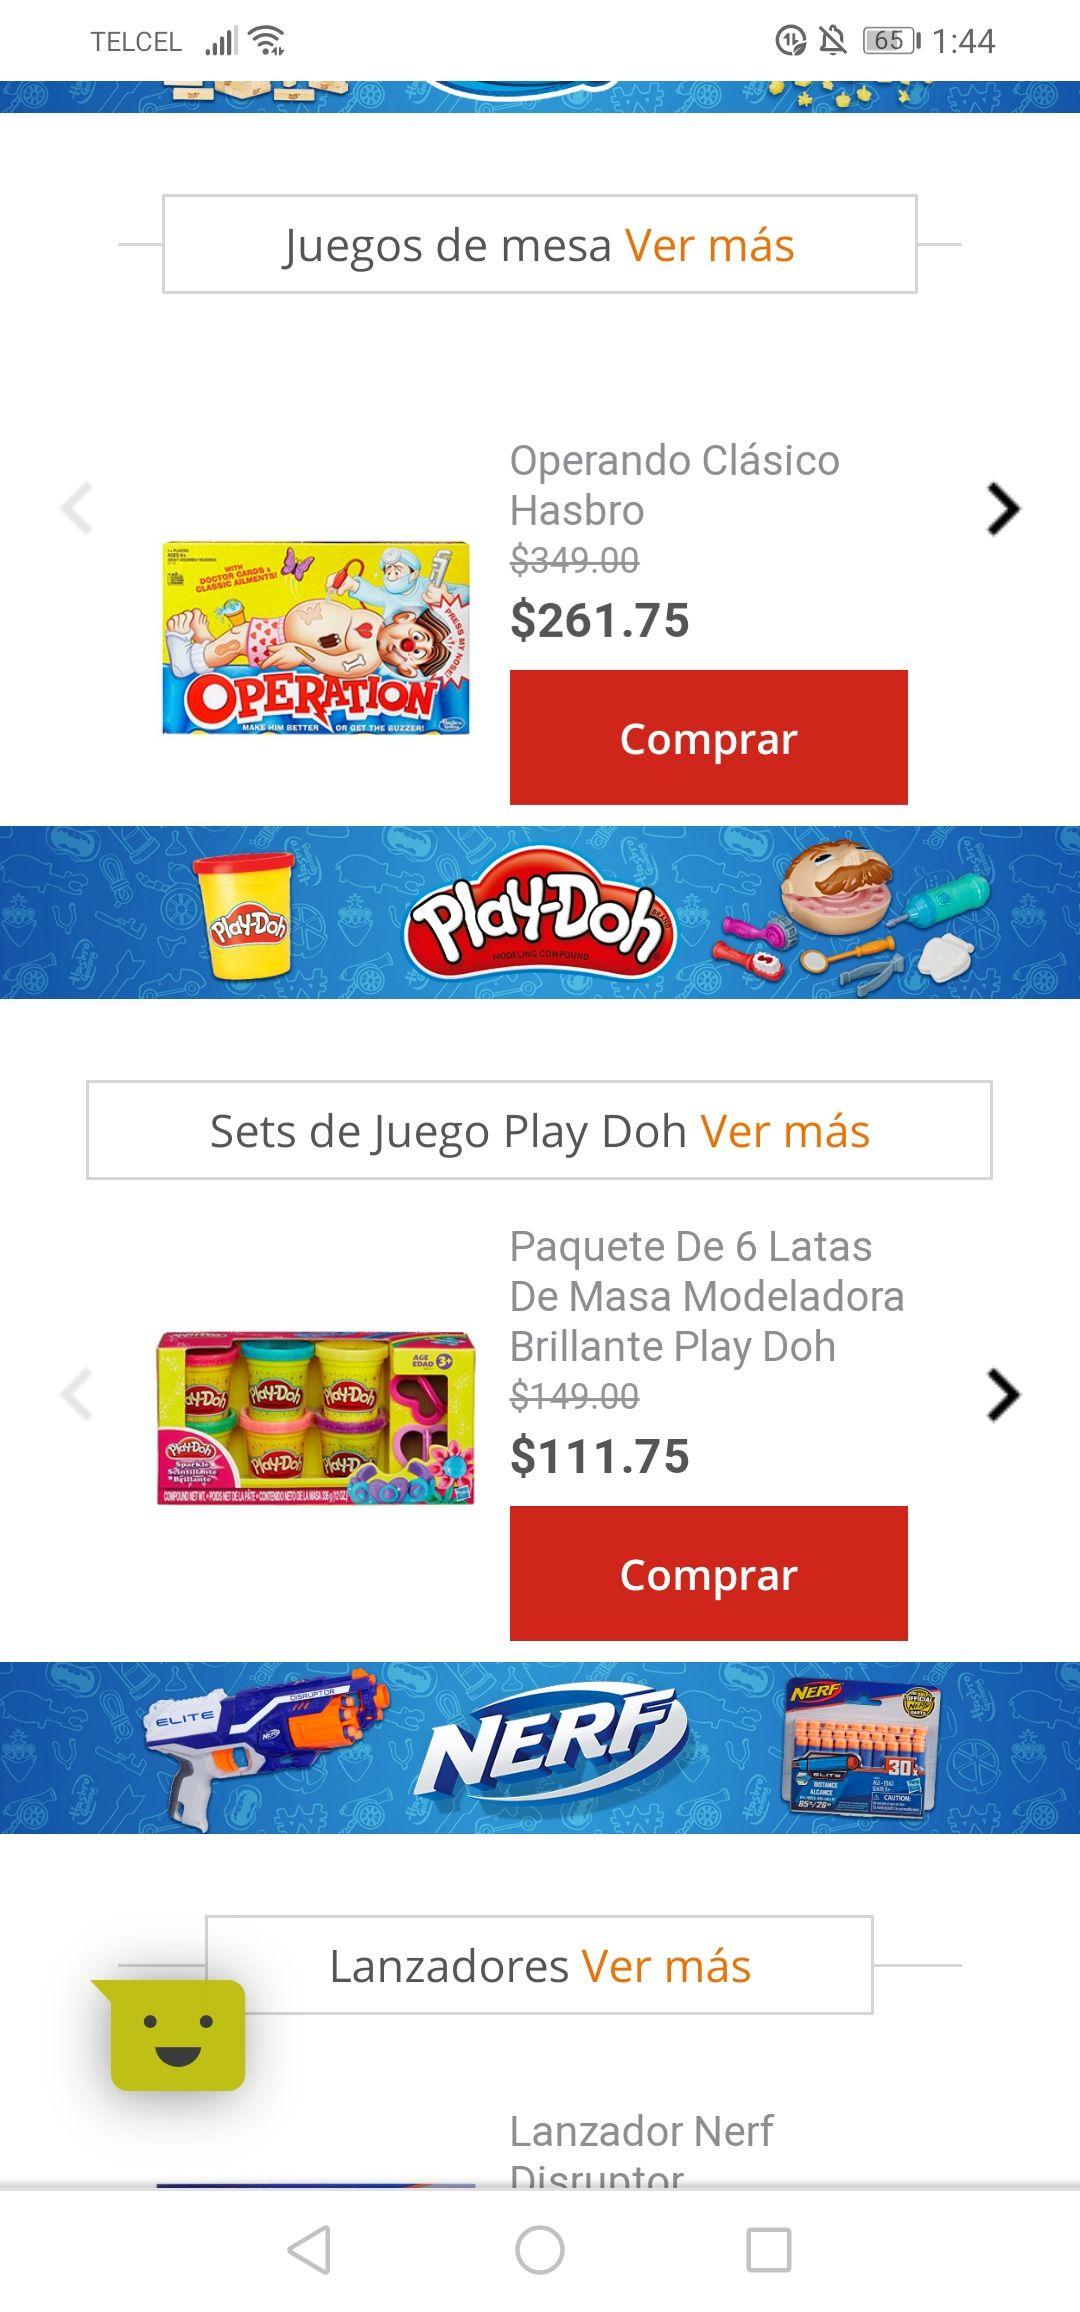 Soriana: recopilaciones de algunos juguetes en linea con descuento, espero alguno sea de su agrado.